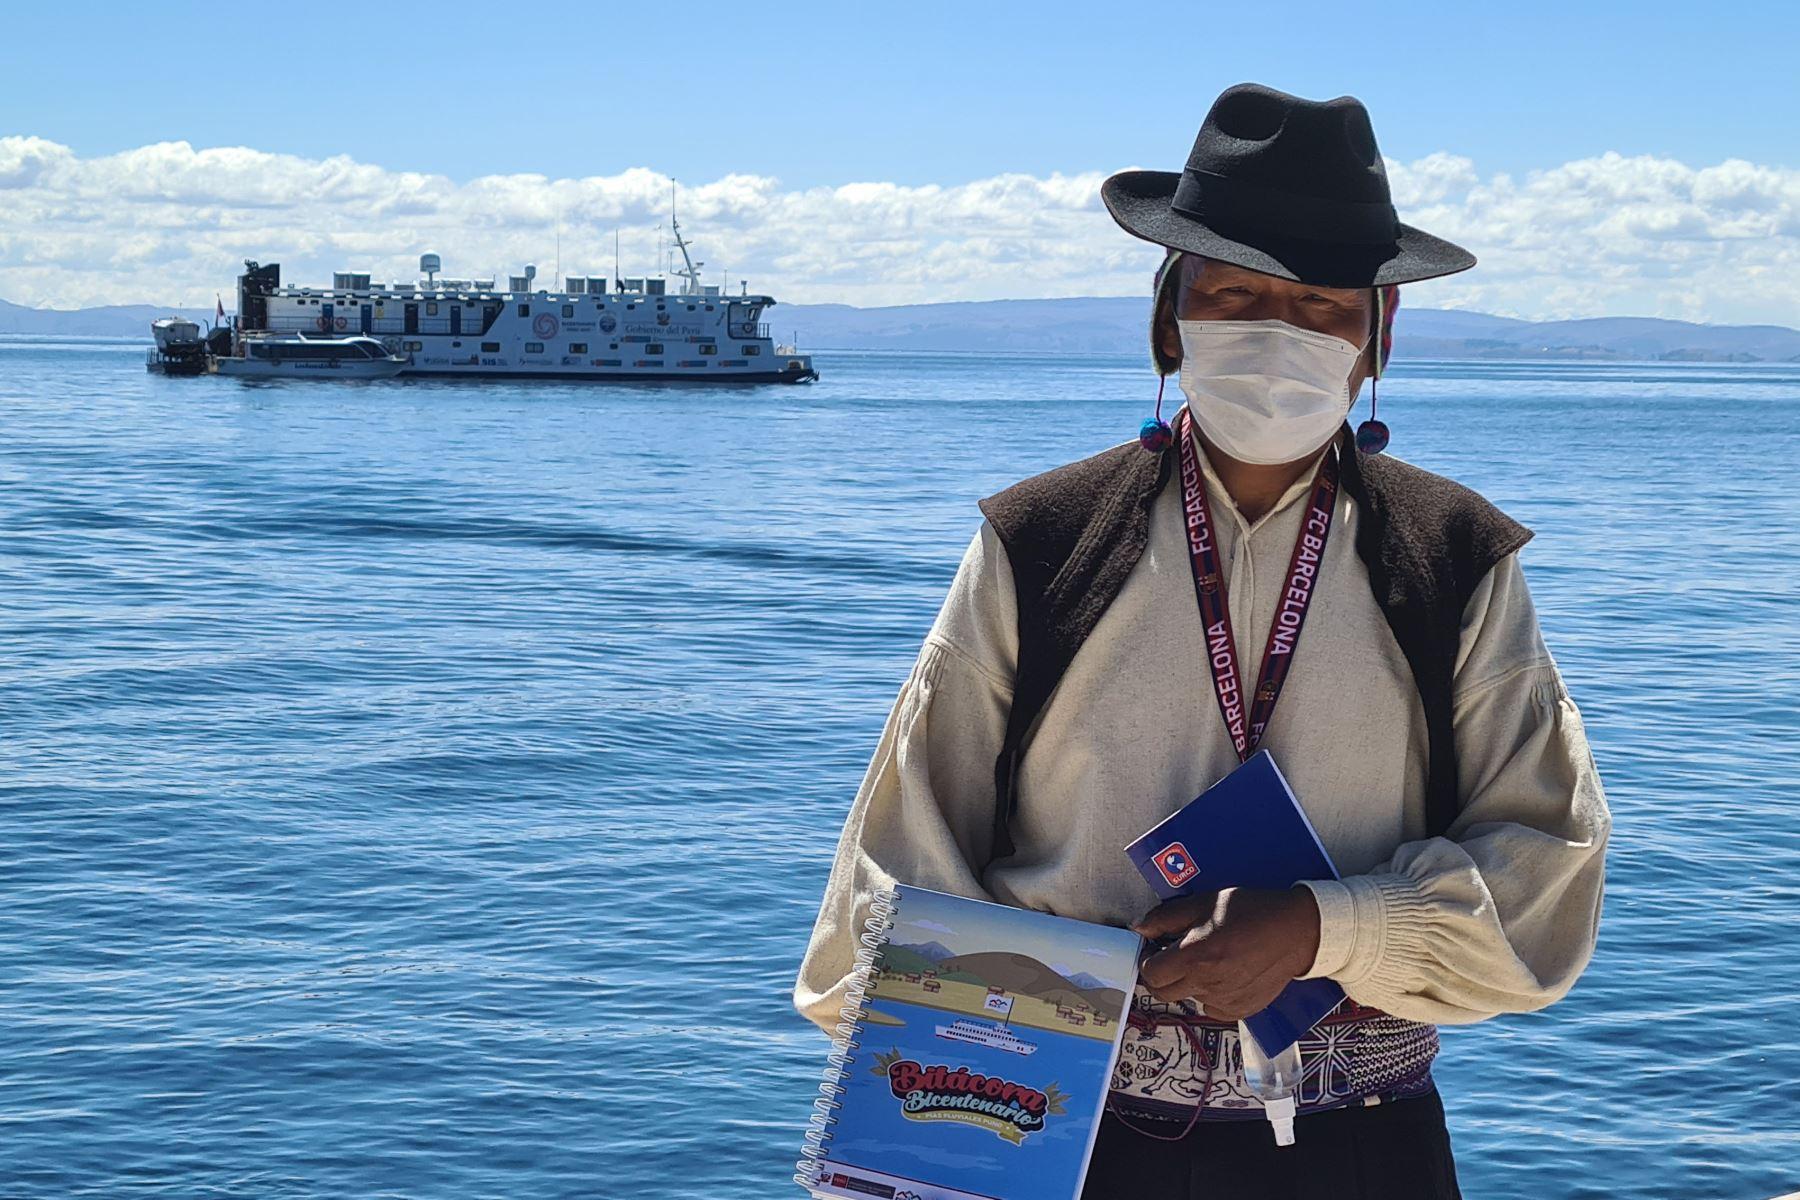 La PIAS Lago Titicaca I navegará durante 40 días hasta llegar a 14 puntos de atención en la región Puno. Foto: ANDINA/Difusión